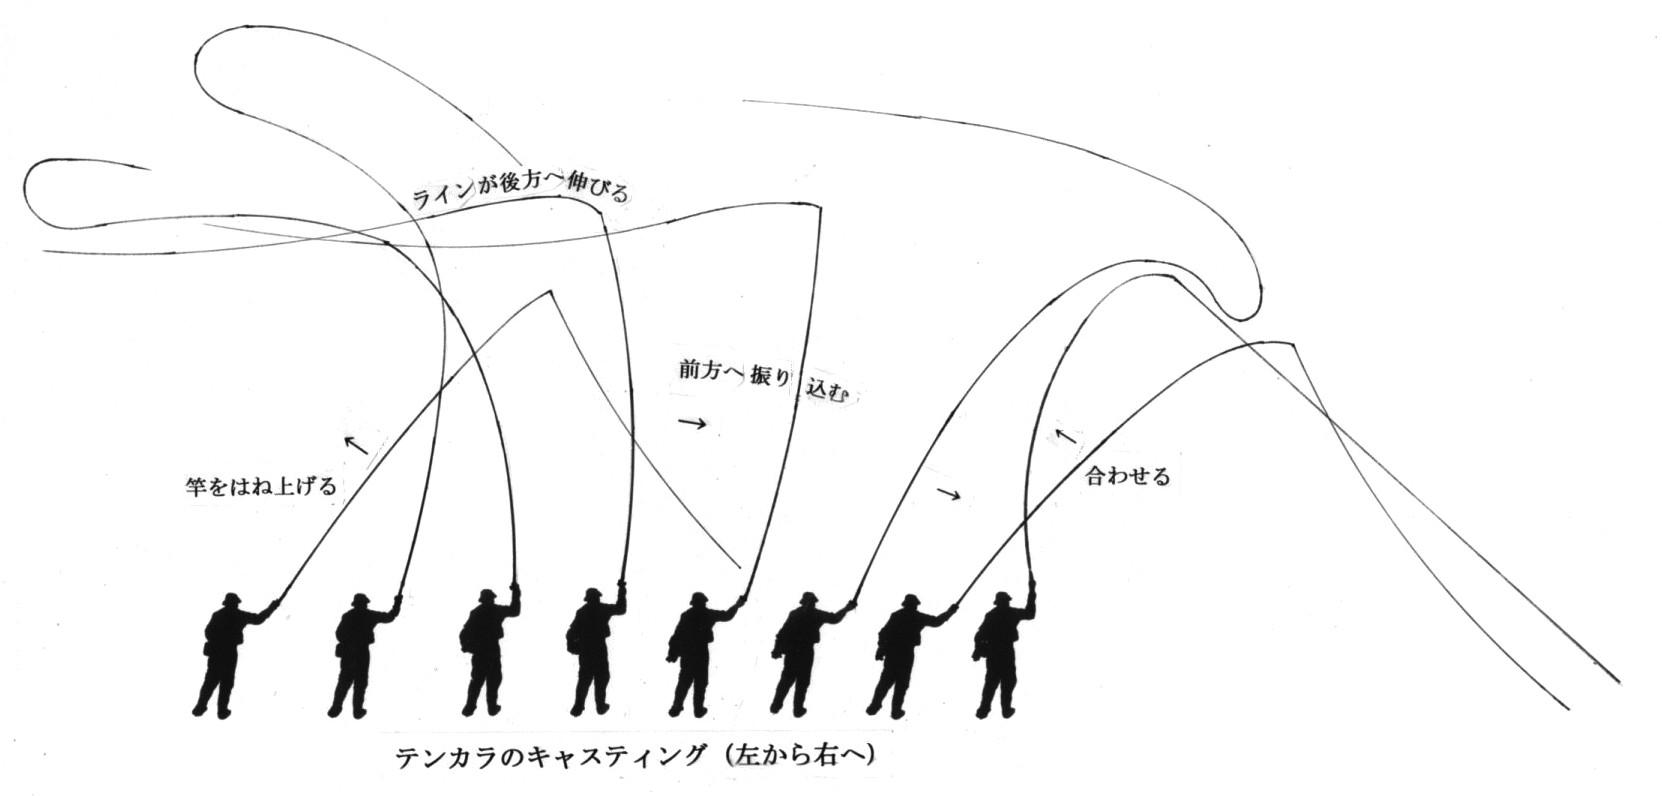 Good Tenkara Casting Diagram Tenkara